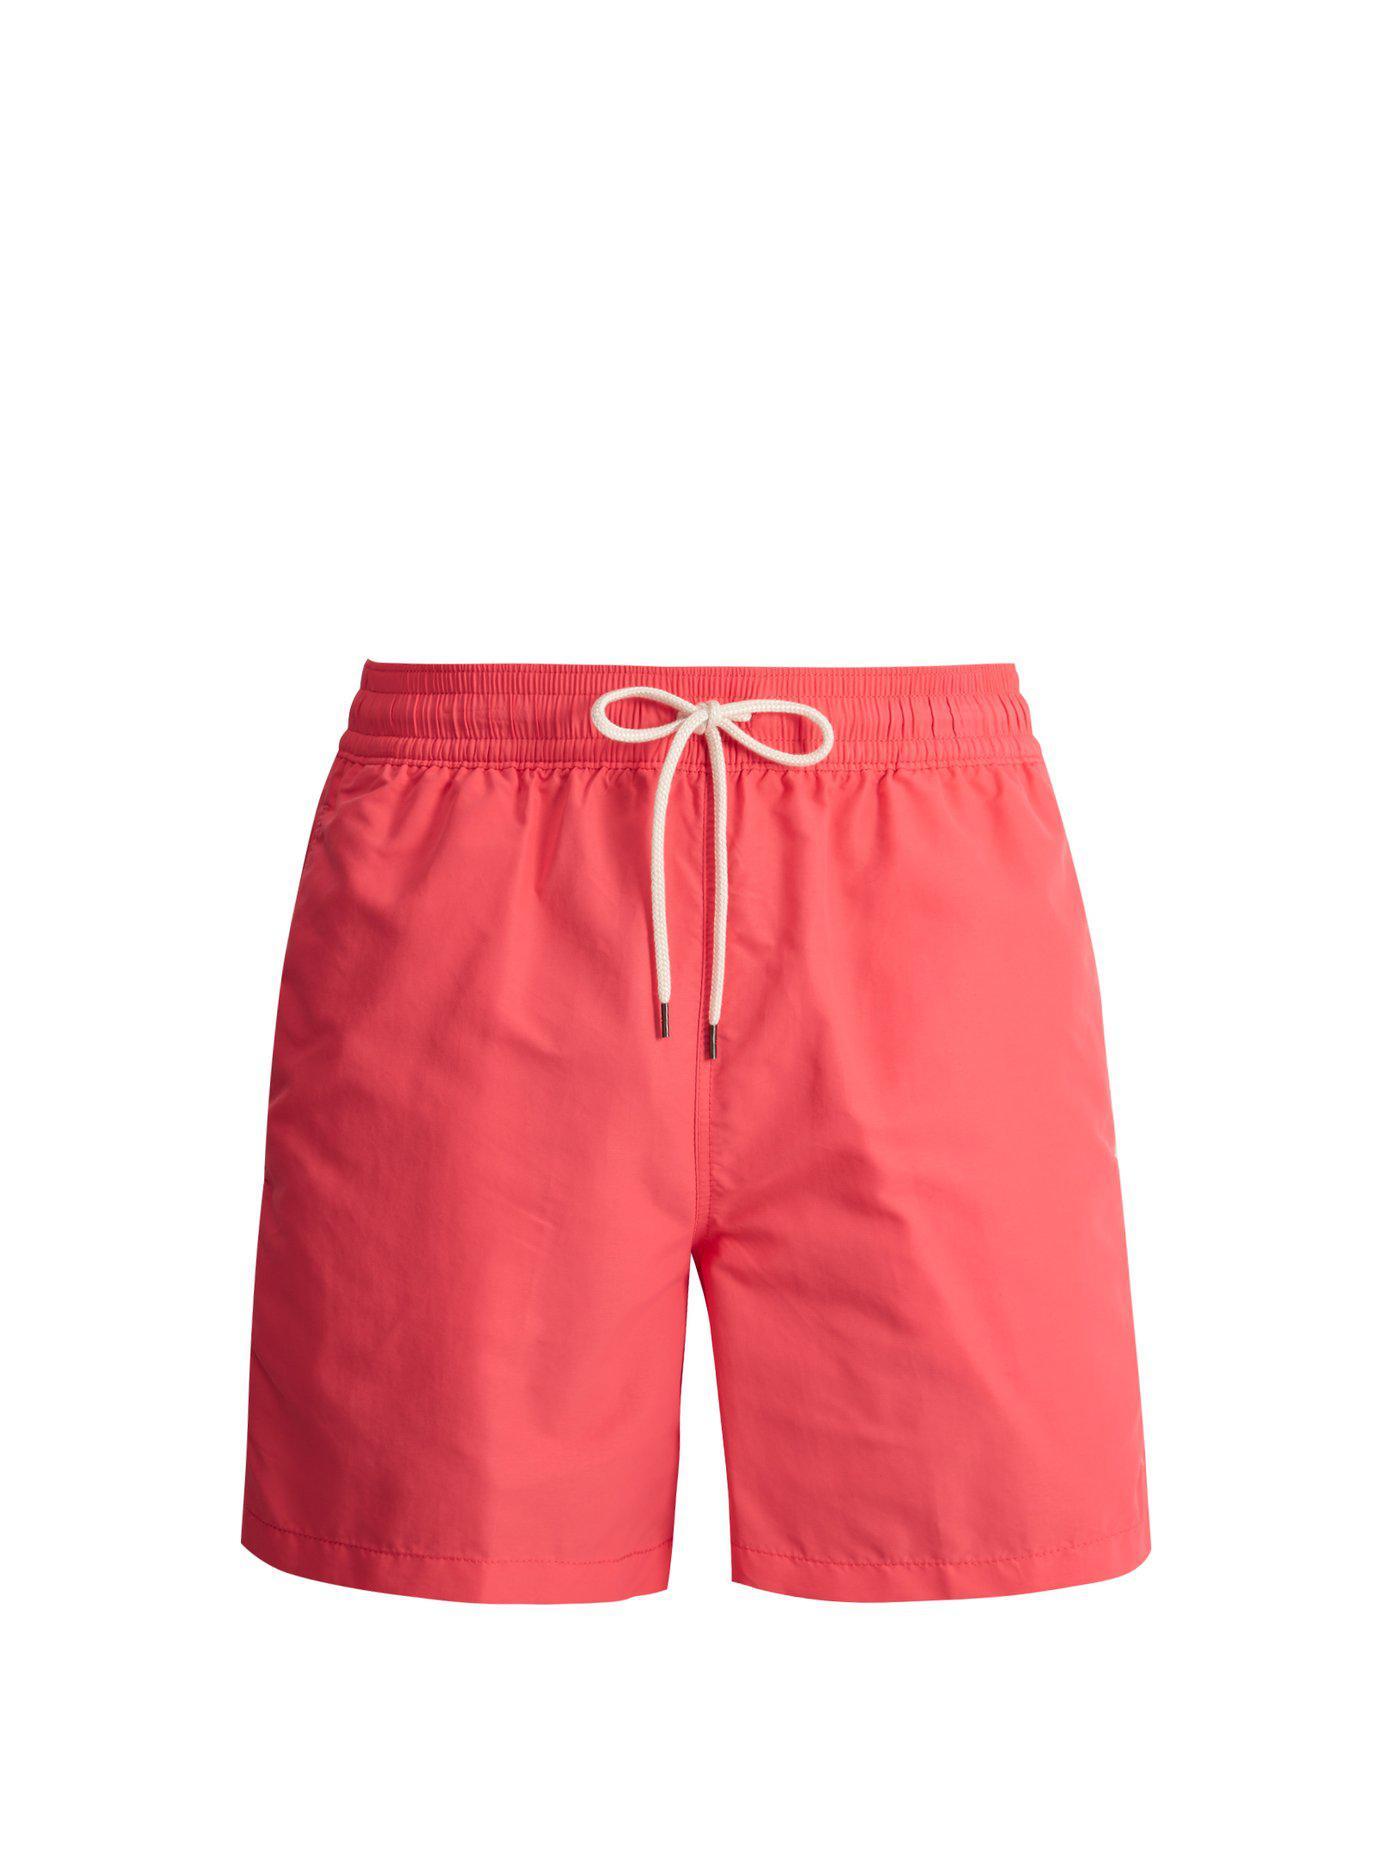 Lyst - Short de bain à logo brodé Polo Ralph Lauren pour homme en ... e86d206881d